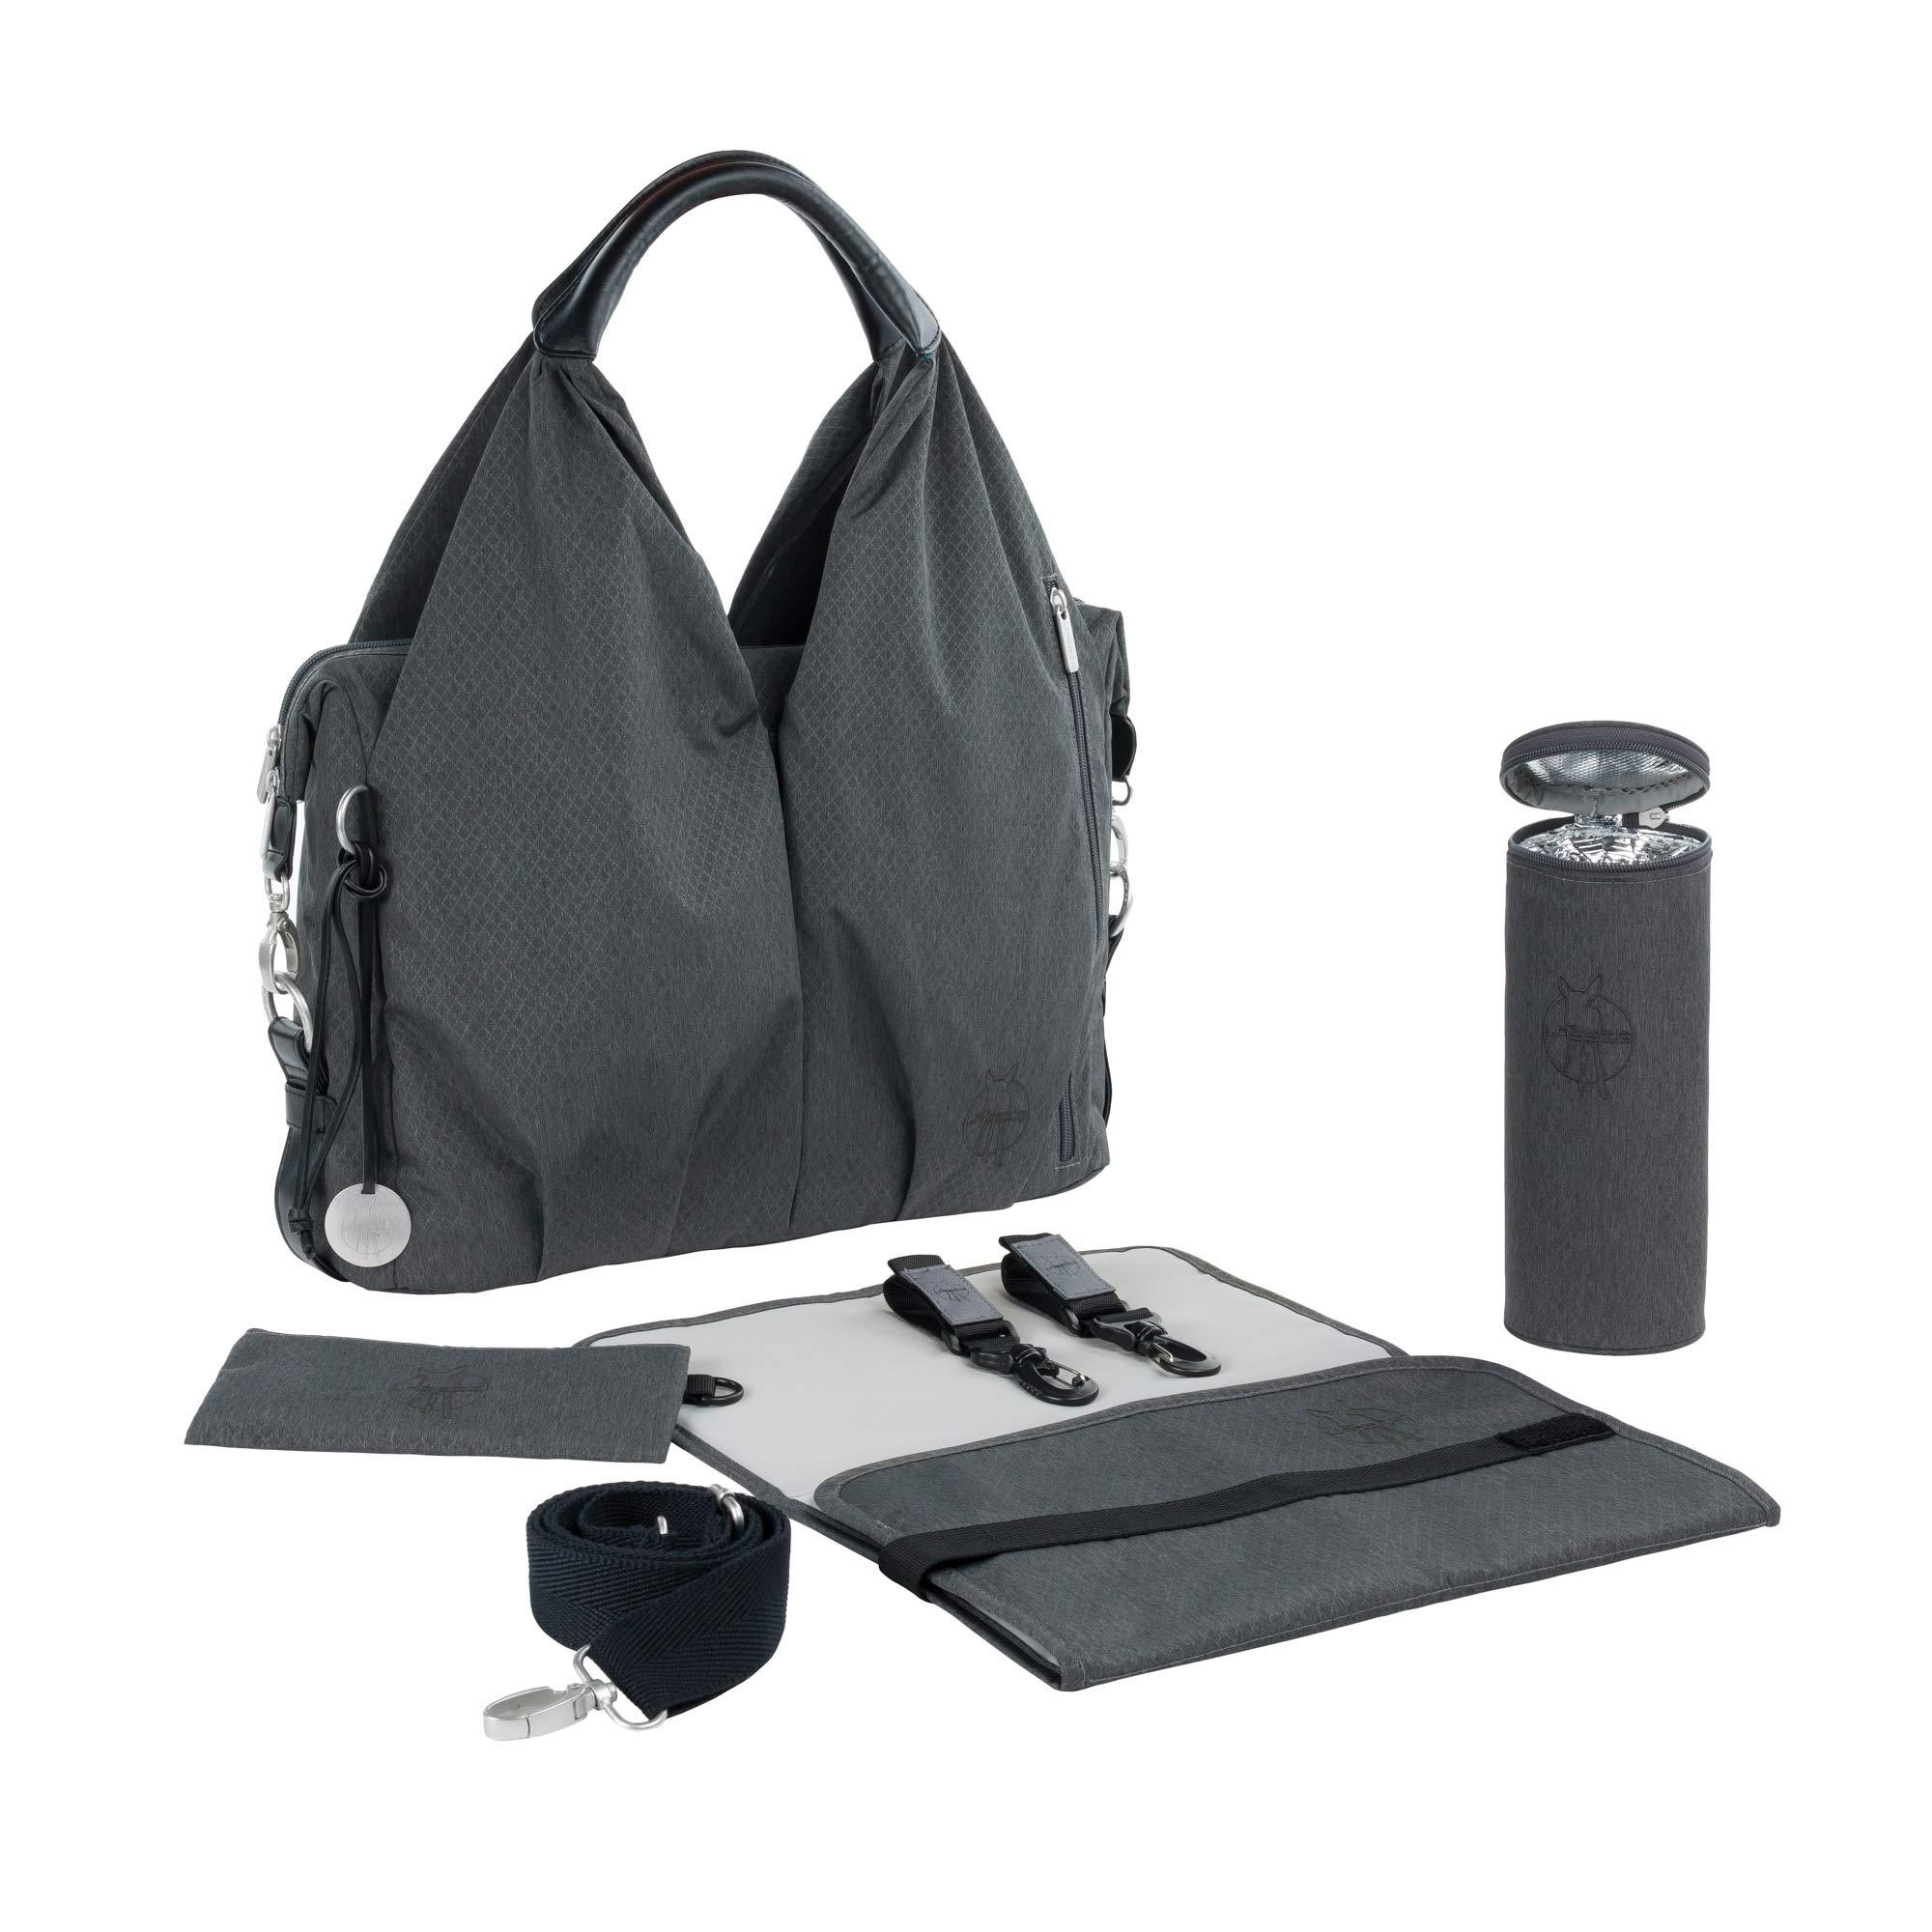 LÄSSIG Baby Wickeltasche nachhaltig inkl. Wickelzubehör/Green Label Neckline Bag, spin dye black product image